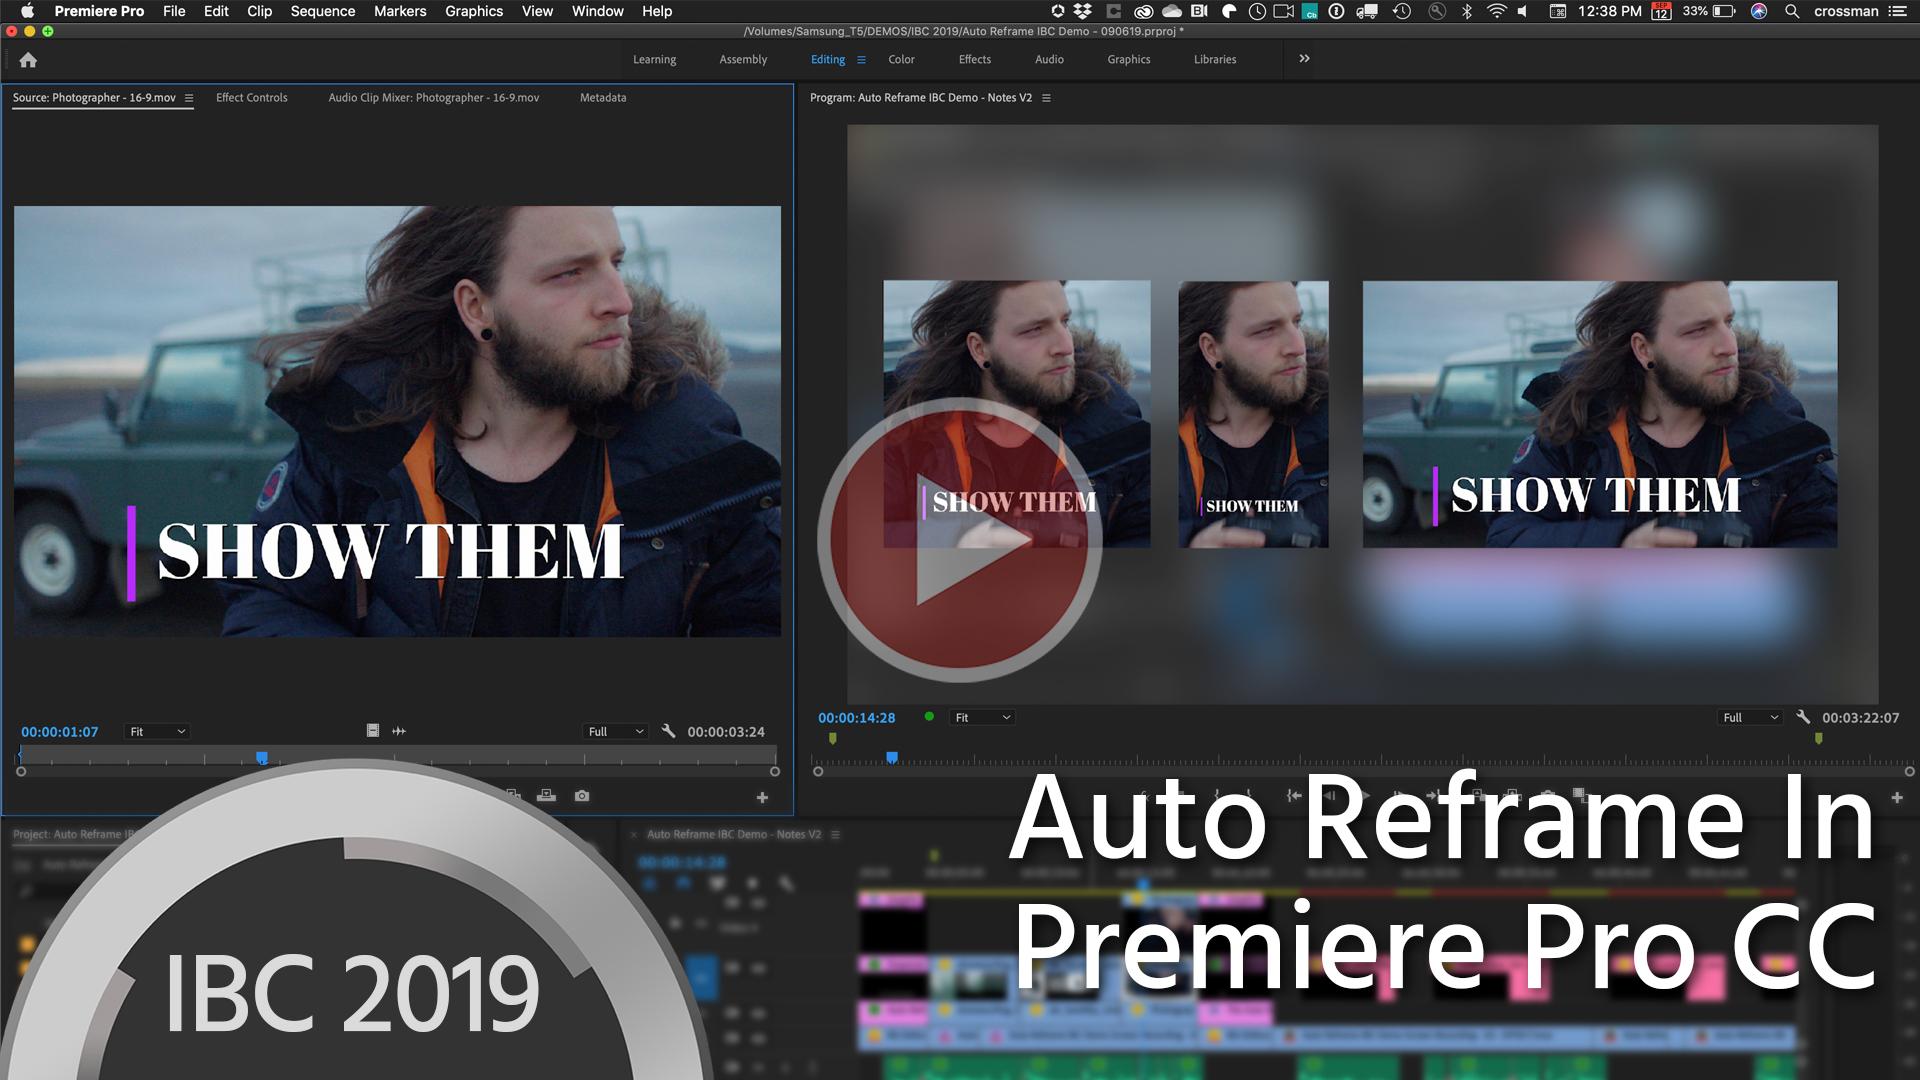 Reencuadre Automático para Premiere Pro CC edita las imágenes de forma inteligente para formatos de video de redes sociales